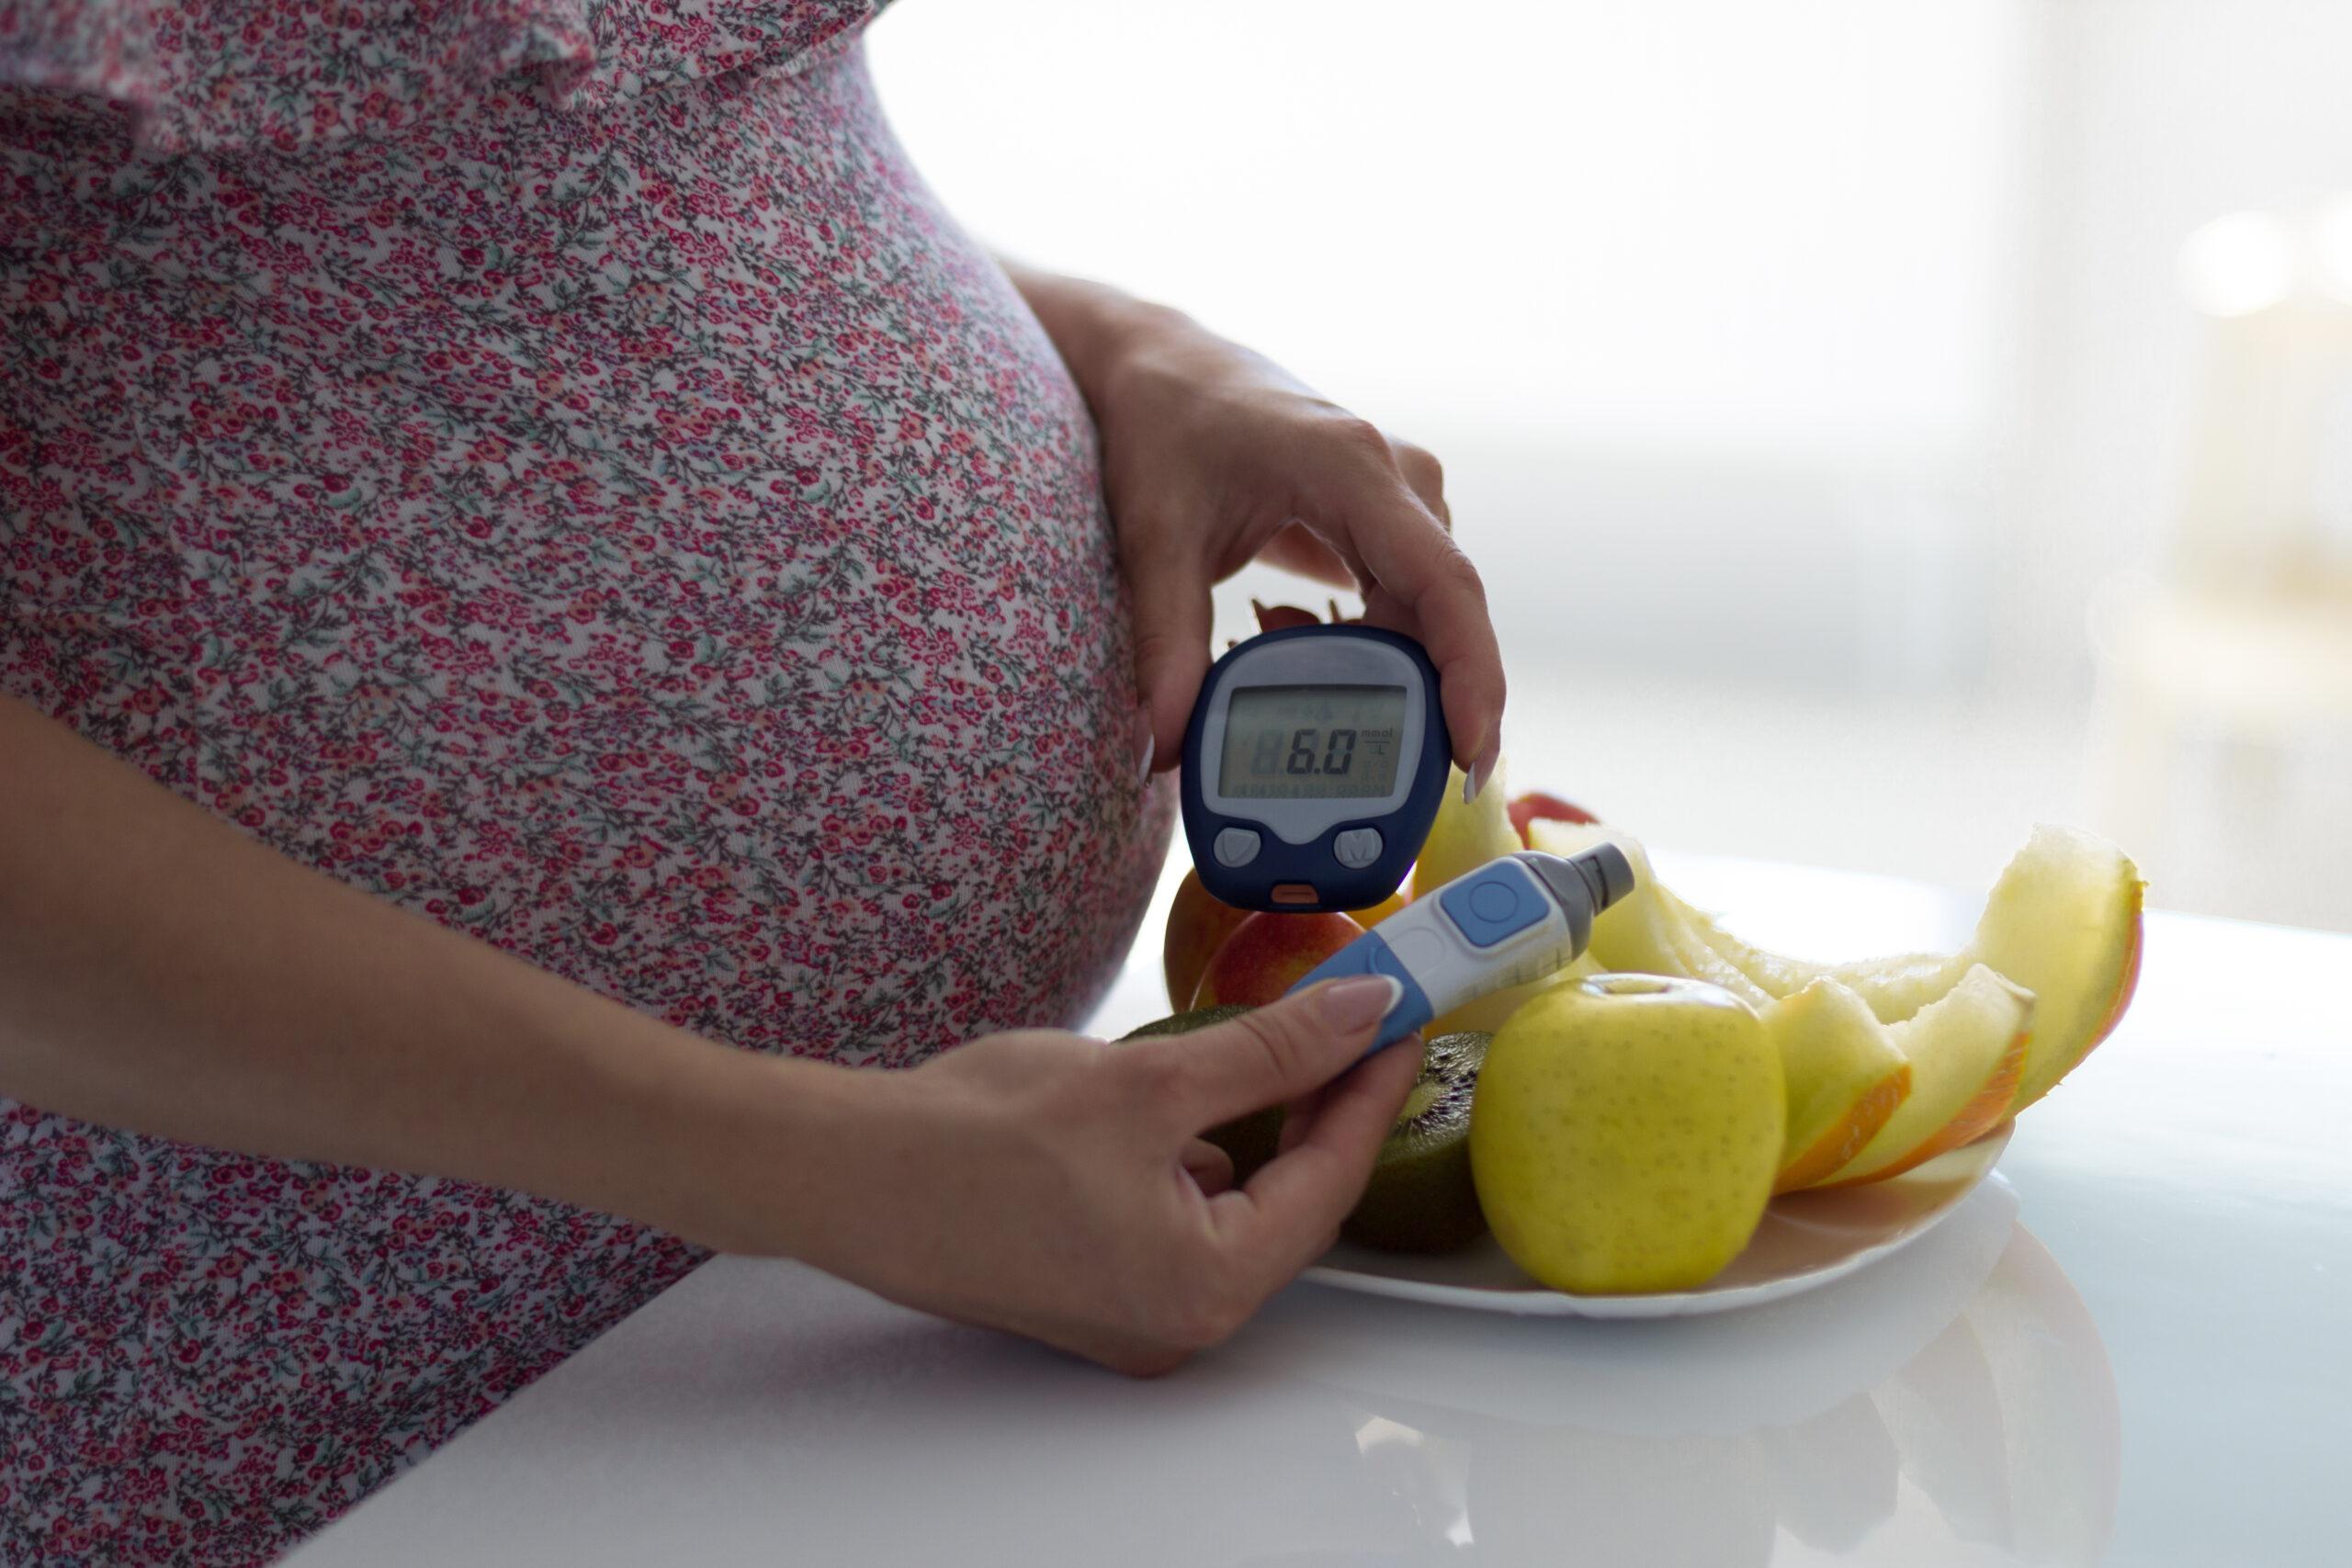 Tiểu đường thai kỳ nên ăn gì để có một thai kỳ an toàn, khỏe mạnh?